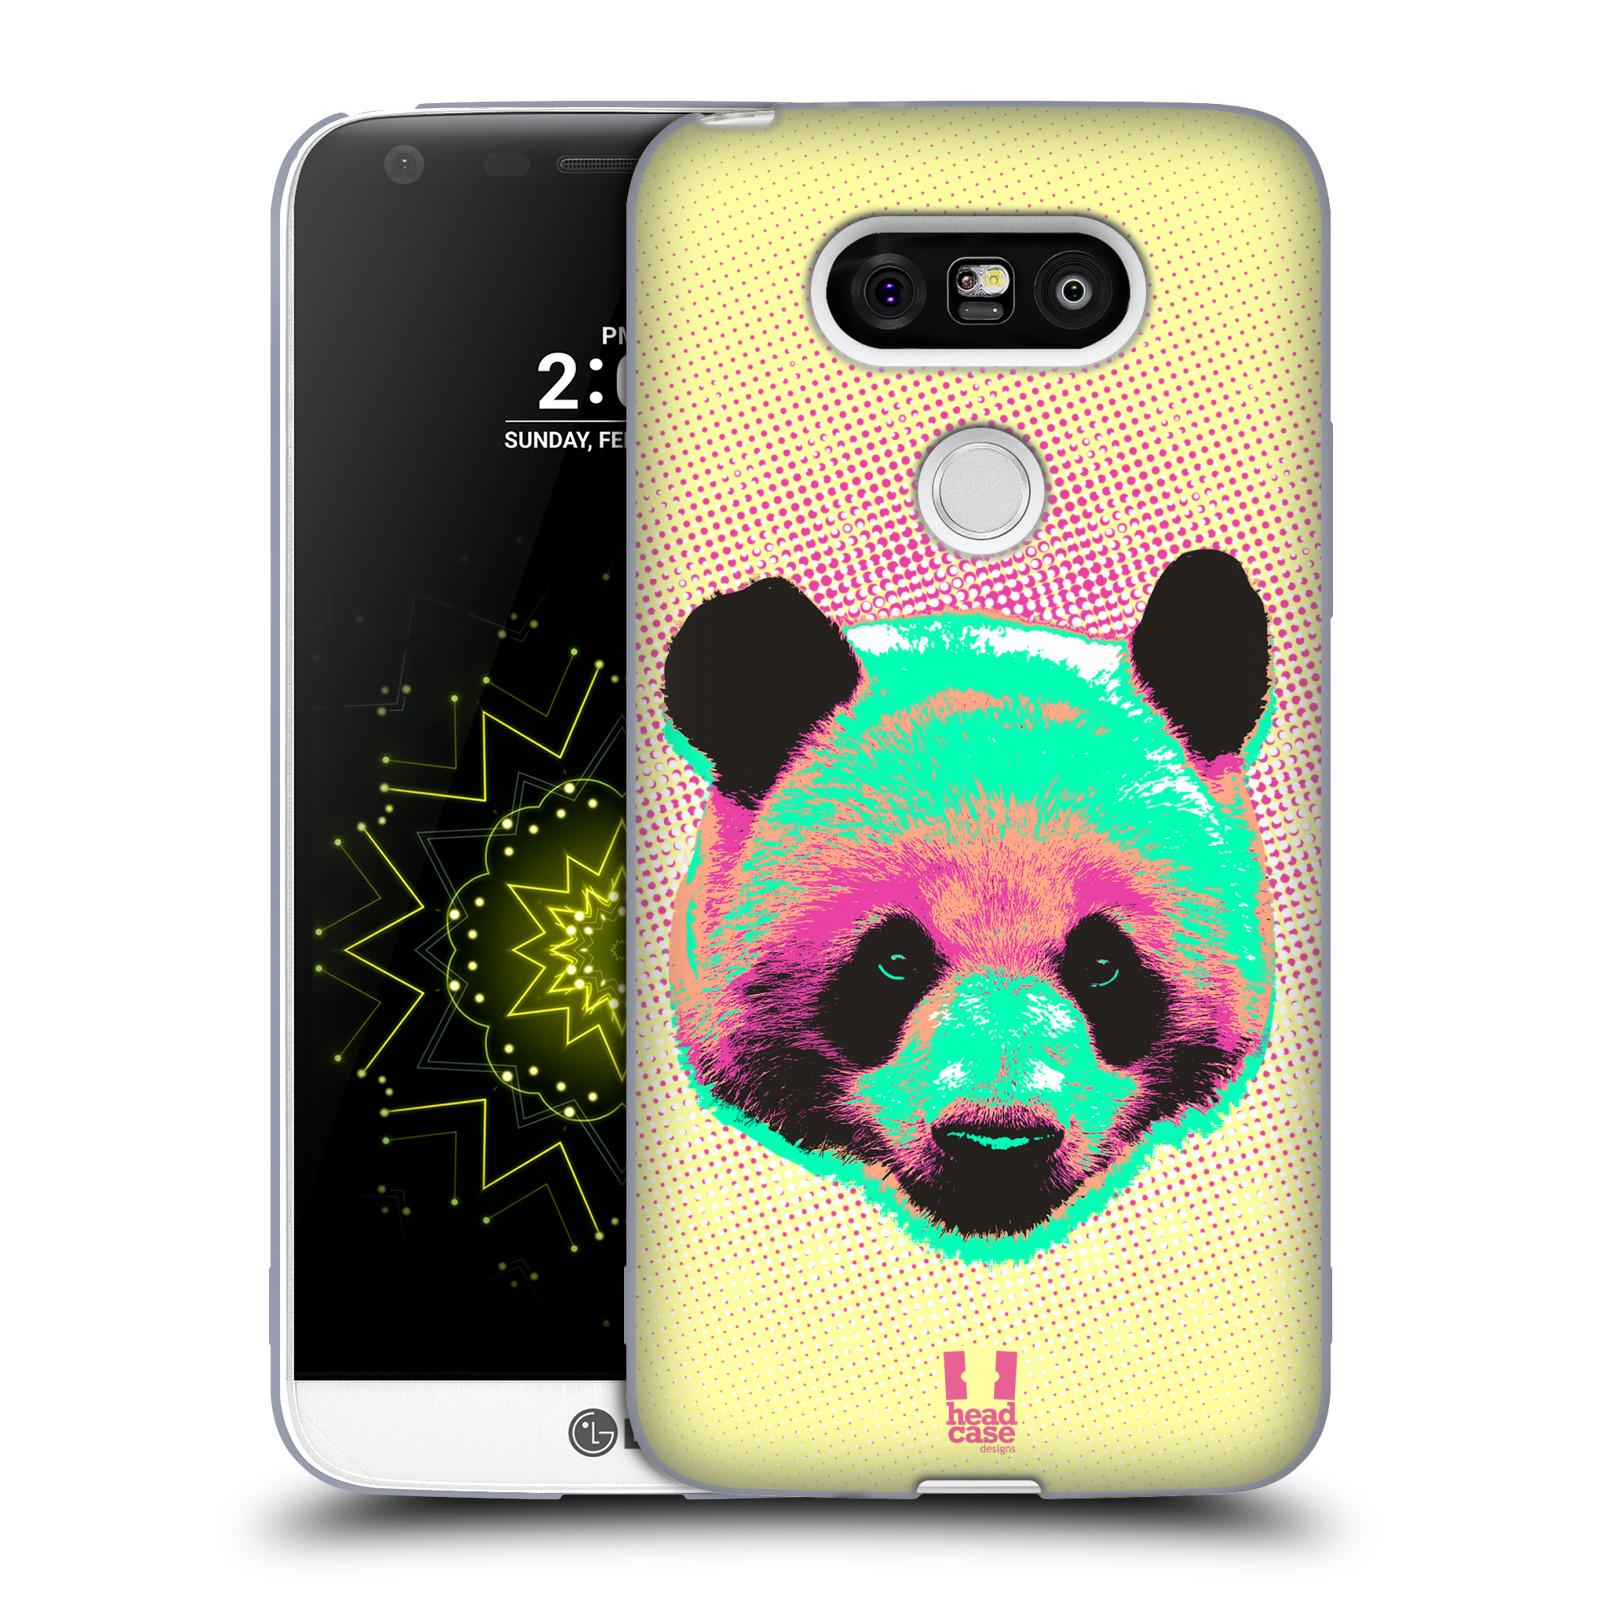 Silikonové pouzdro na mobil LG G5 HEAD CASE POP PRINT PANDA (Silikonový kryt či obal na mobilní telefon LG G5 H850)